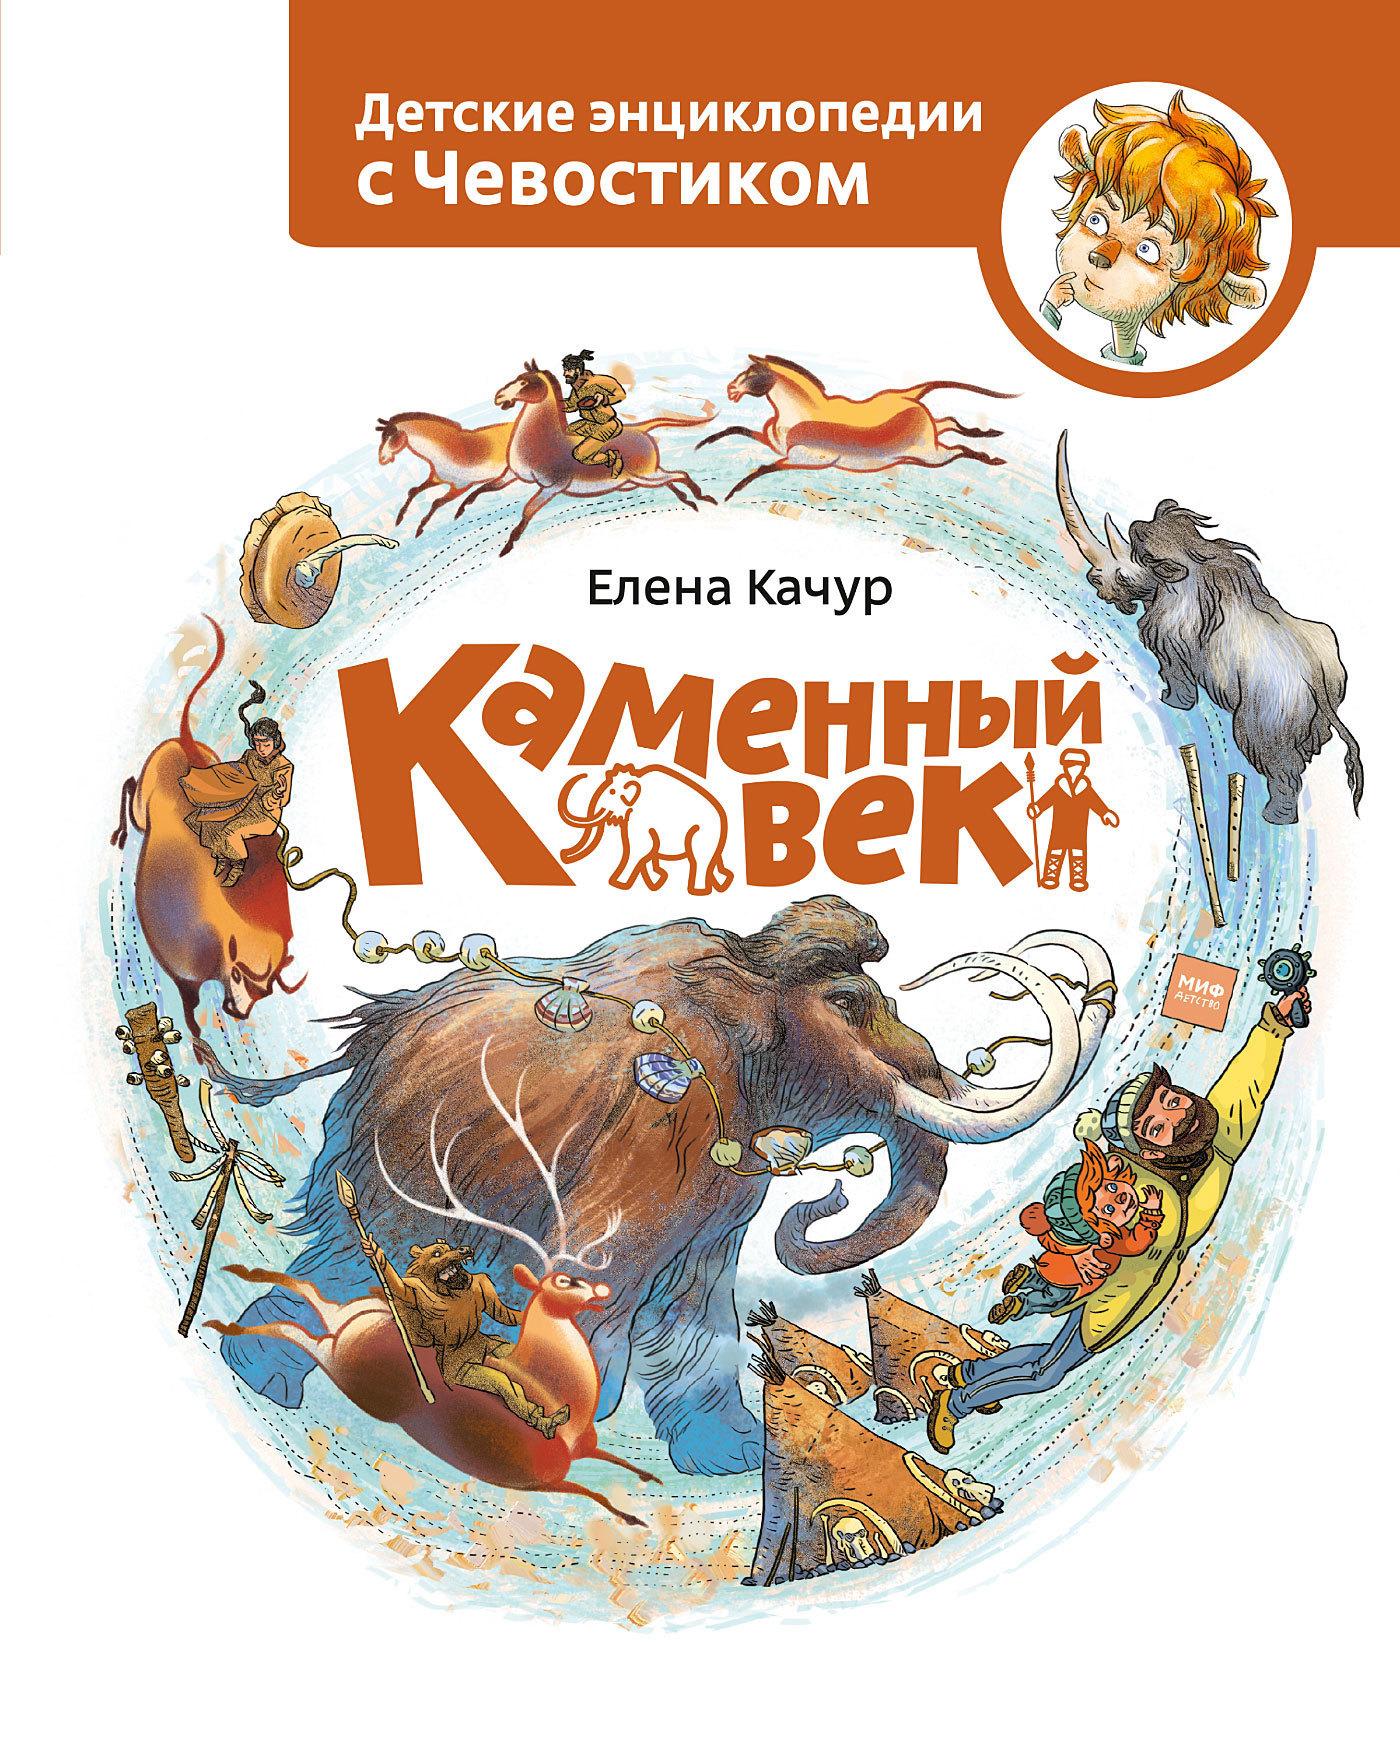 Елена Качур - Каменный век